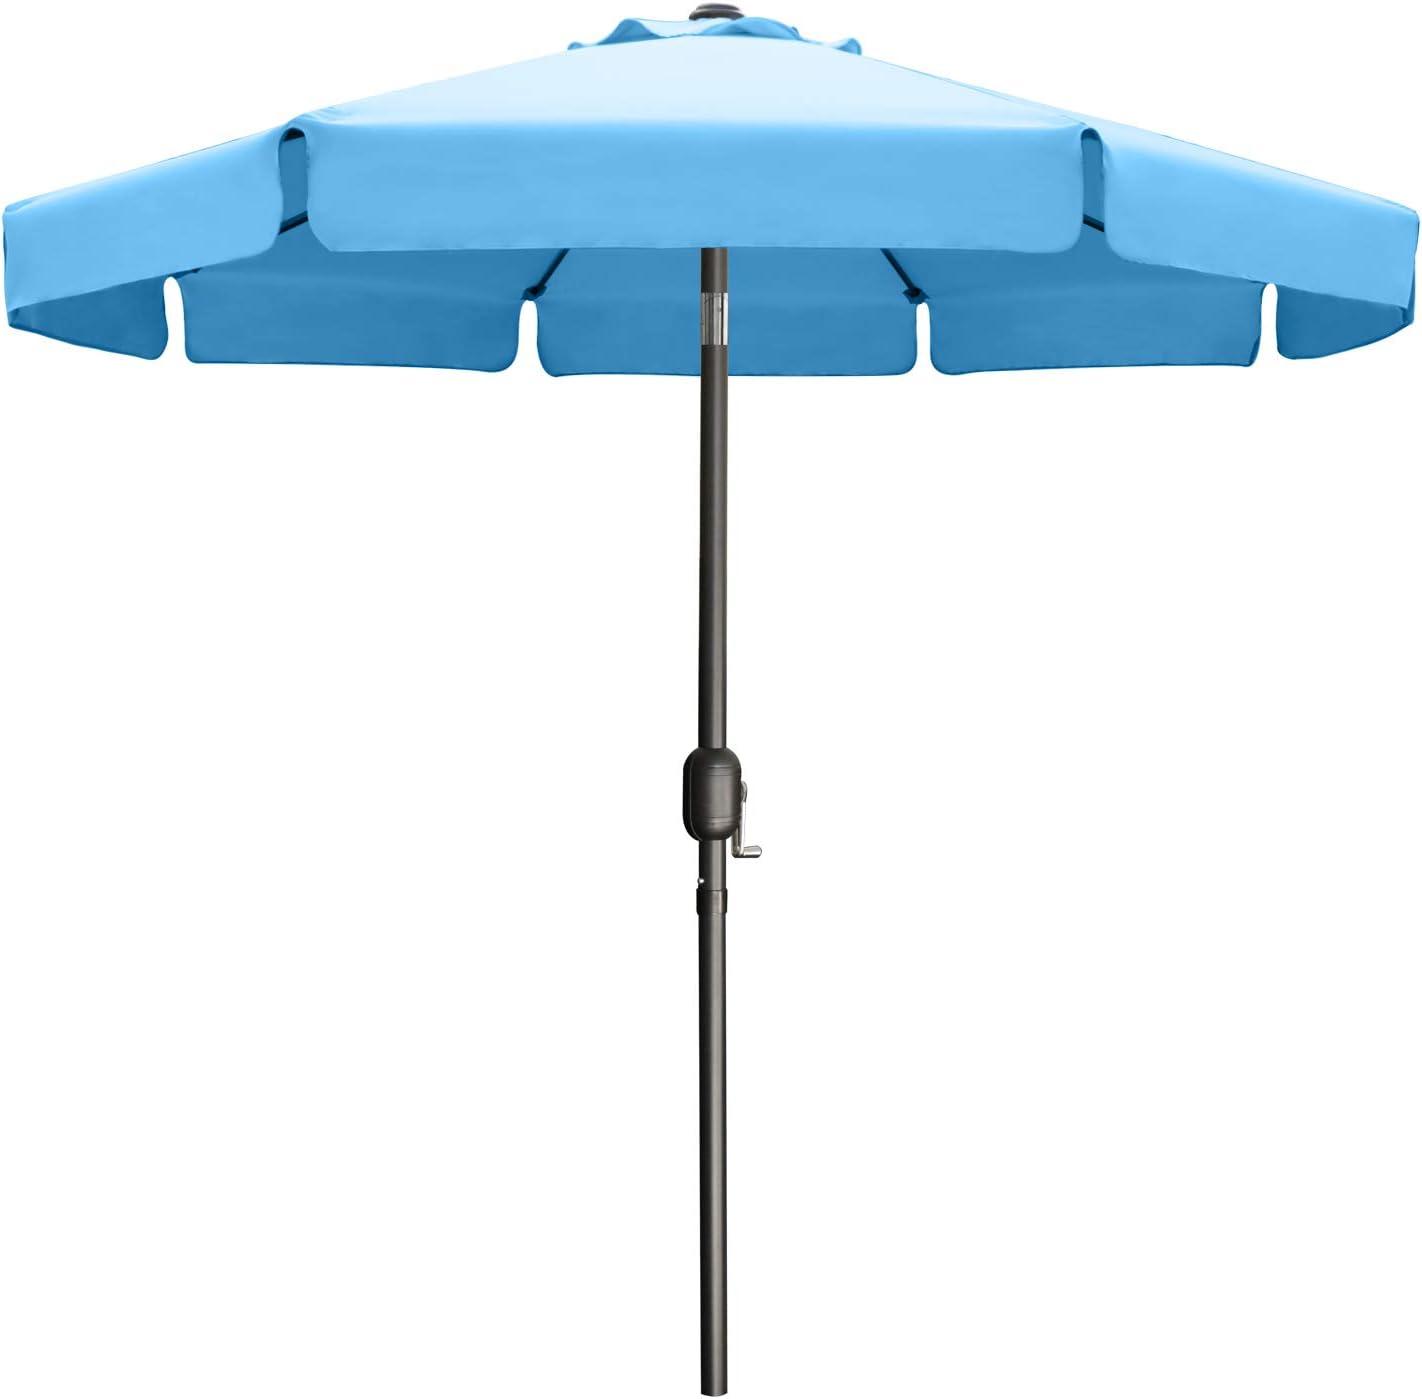 9FT Outdoor Garden Table Umbrella Patio Umbrella Market Umbrella with Push Button Tilt for Pool Deck,Backyard and Garden. 13+Colors,8 Ribs Wave Edge,(Turquoise)